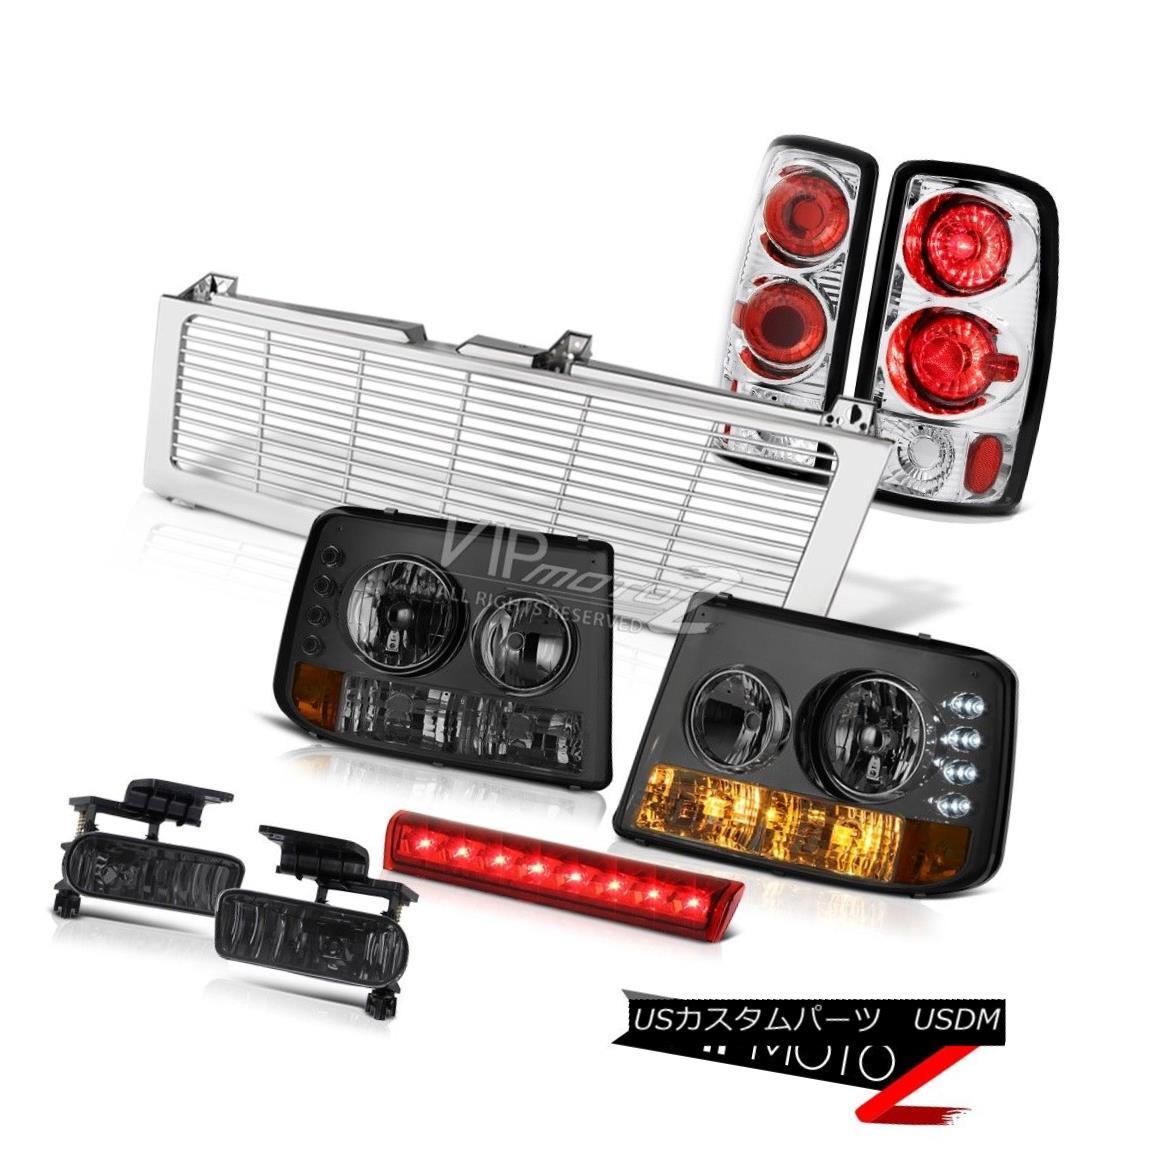 ヘッドライト Tinted Signal Headlights Clear Tail Lights Fog High Brake LED 00-06 Tahoe 5.3L 着色信号ヘッドライトクリアテールライトフォグハイブレーキLED 00-06タホー5.3L